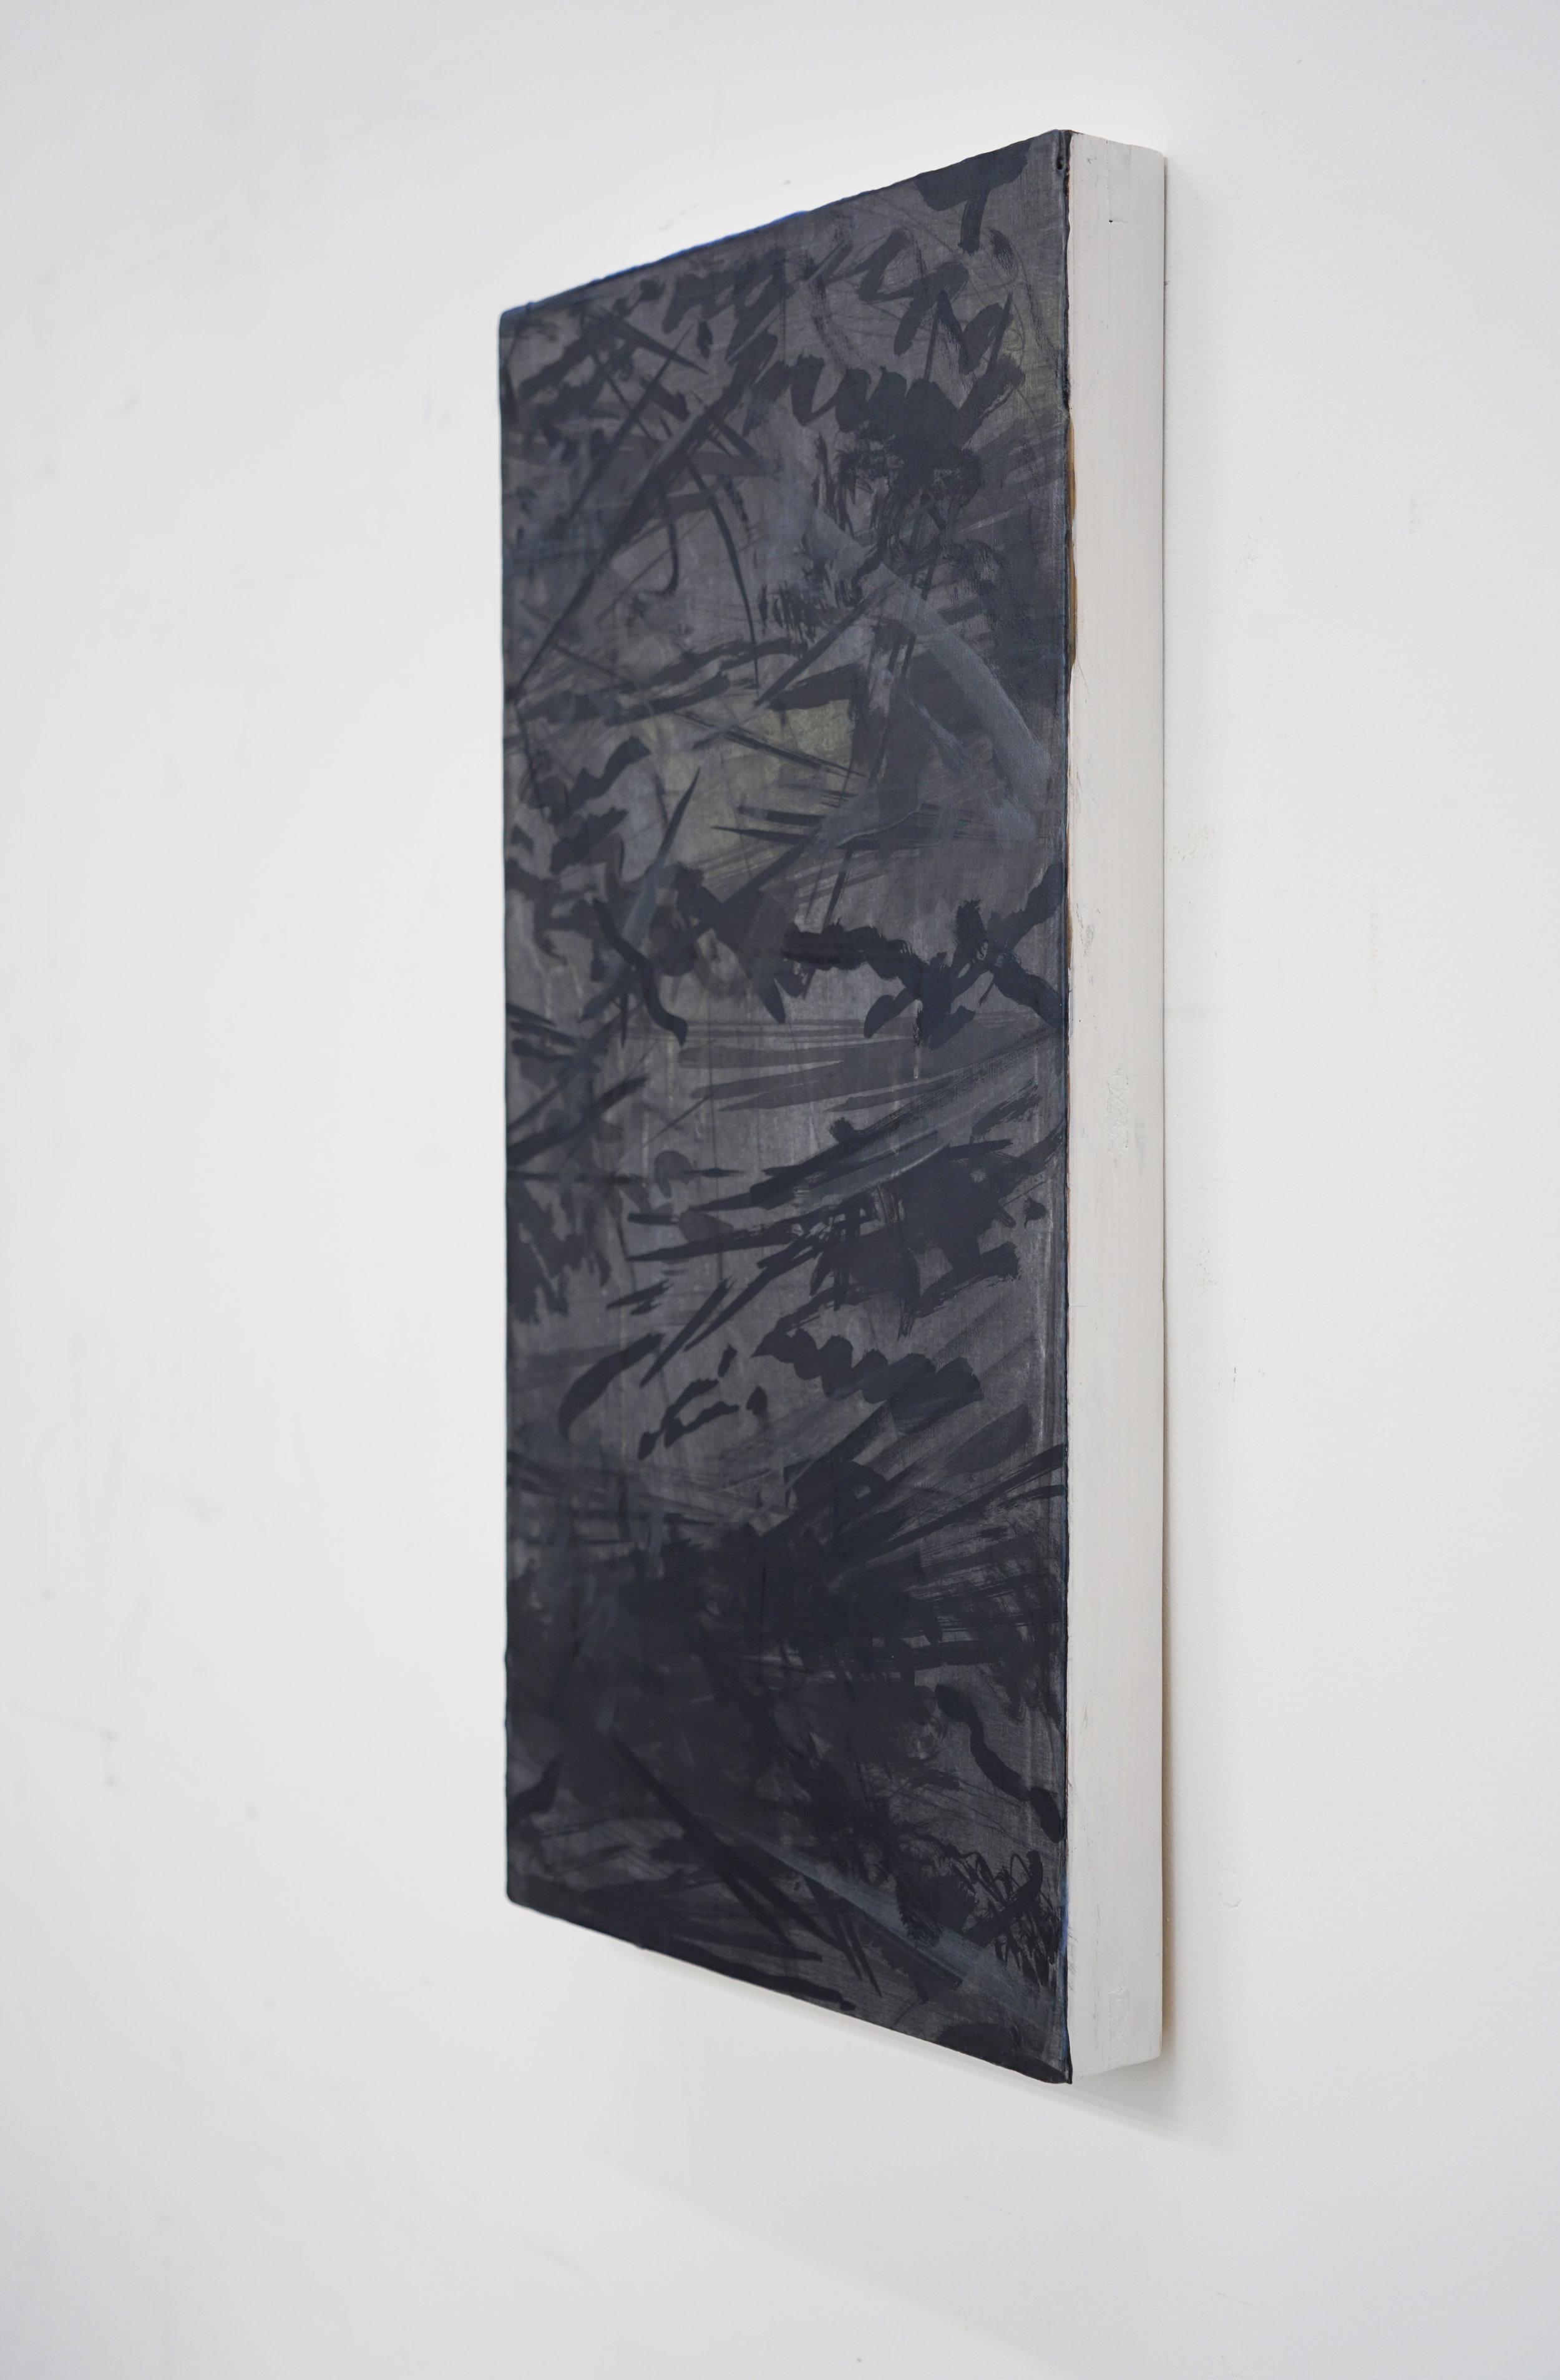 installation view - Black 25-1